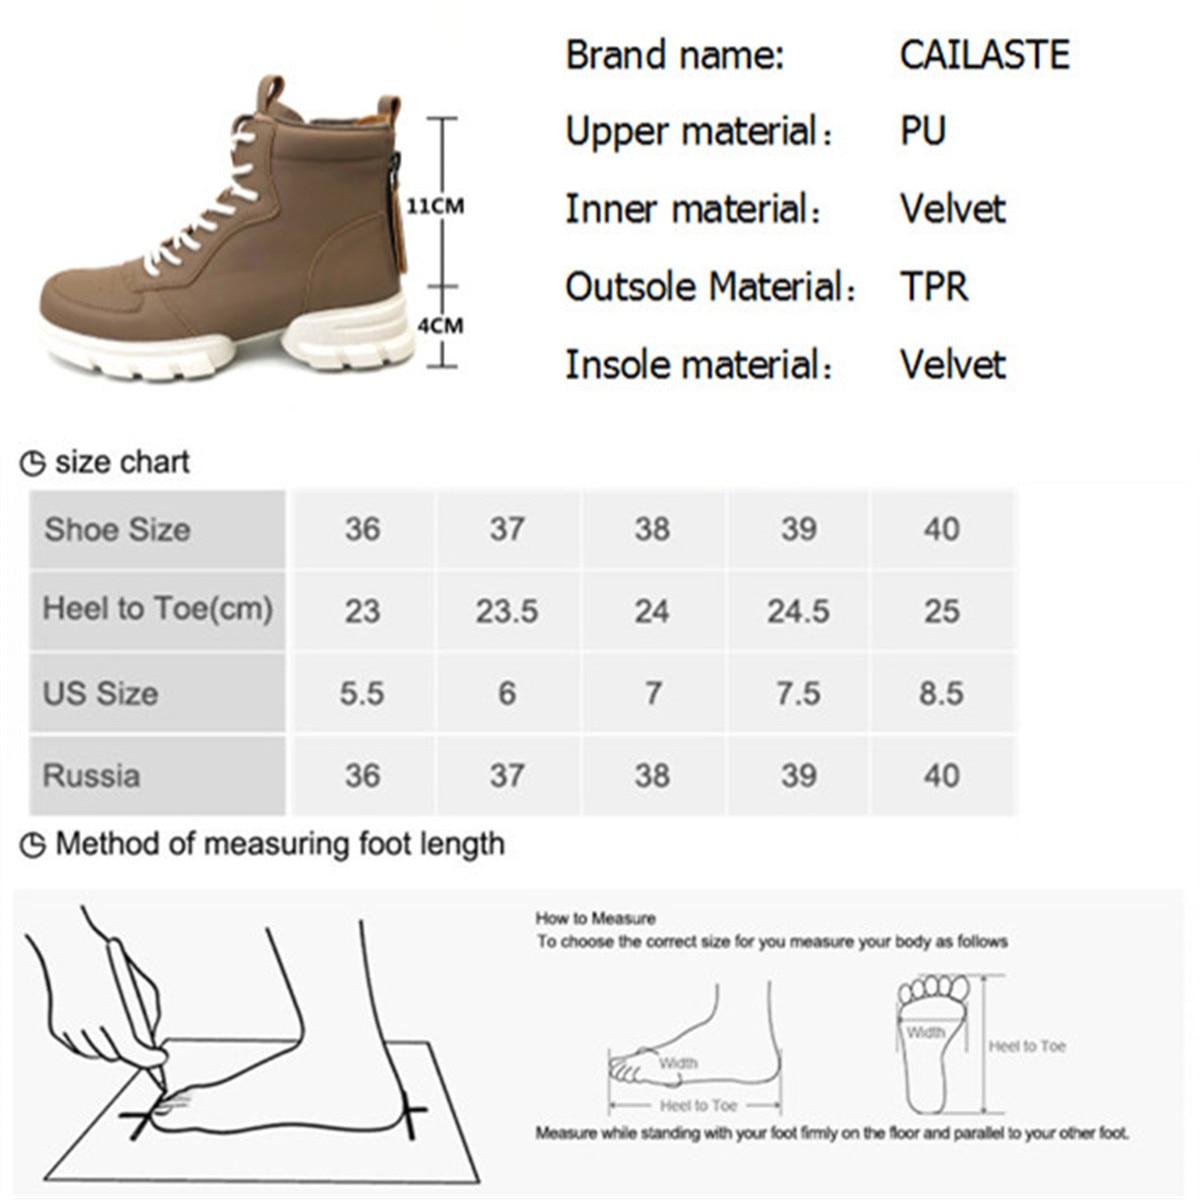 CAILASTE/женские кроссовки; ботинки со шнуровкой на молнии; ботинки шнурки для отдыха; обувь на платформе с бархатной стелькой; спортивные женск... - 2